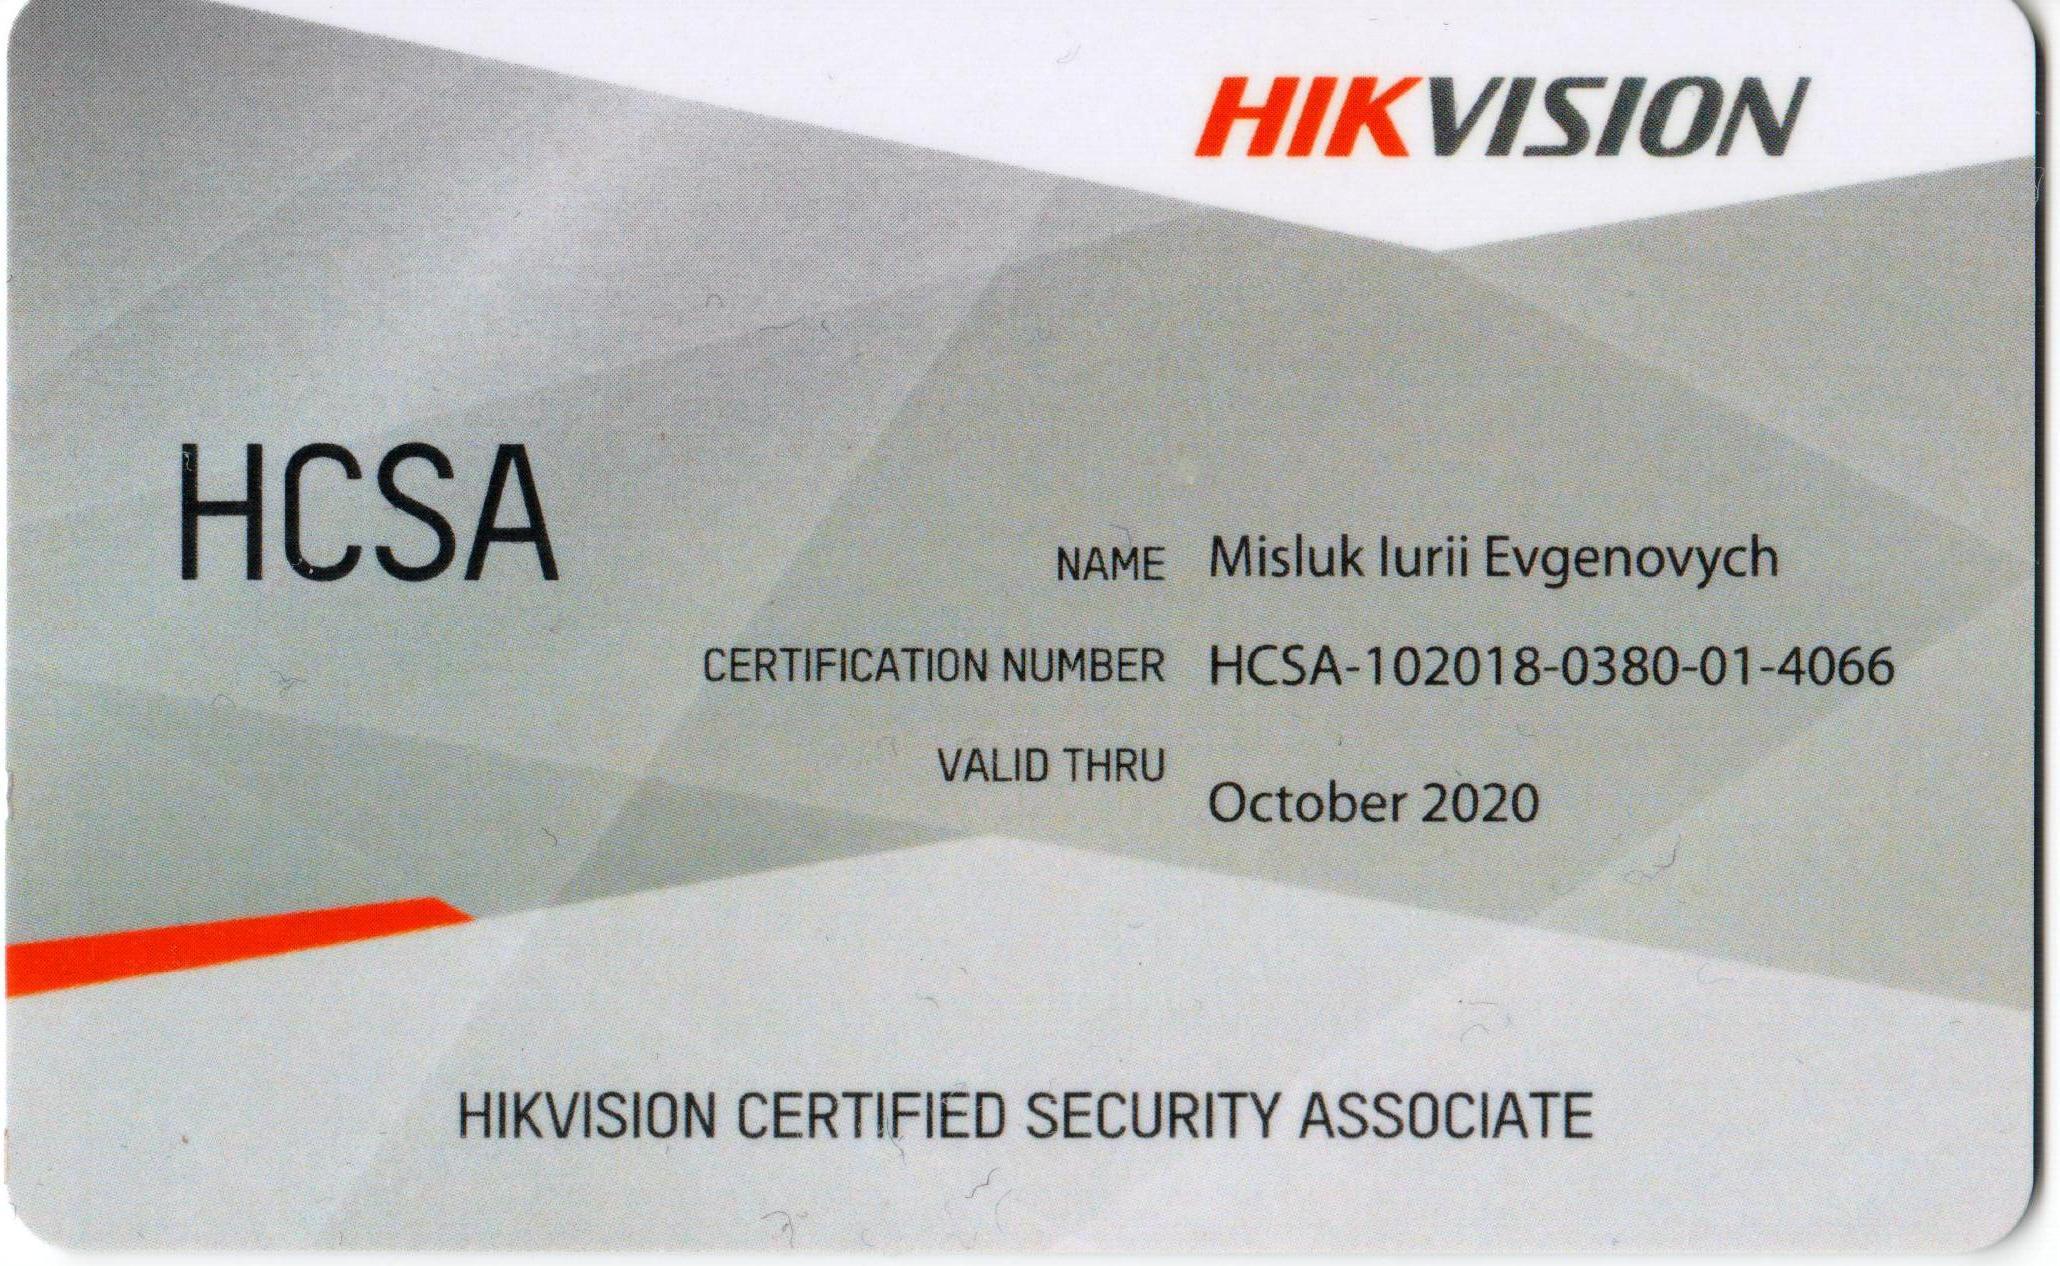 Фото Удостоверение сертифицированного специалиста Hikvision, подтверждающее прохождение обучающей программы HCSA от китайского производителя систем безопасности Hikvision